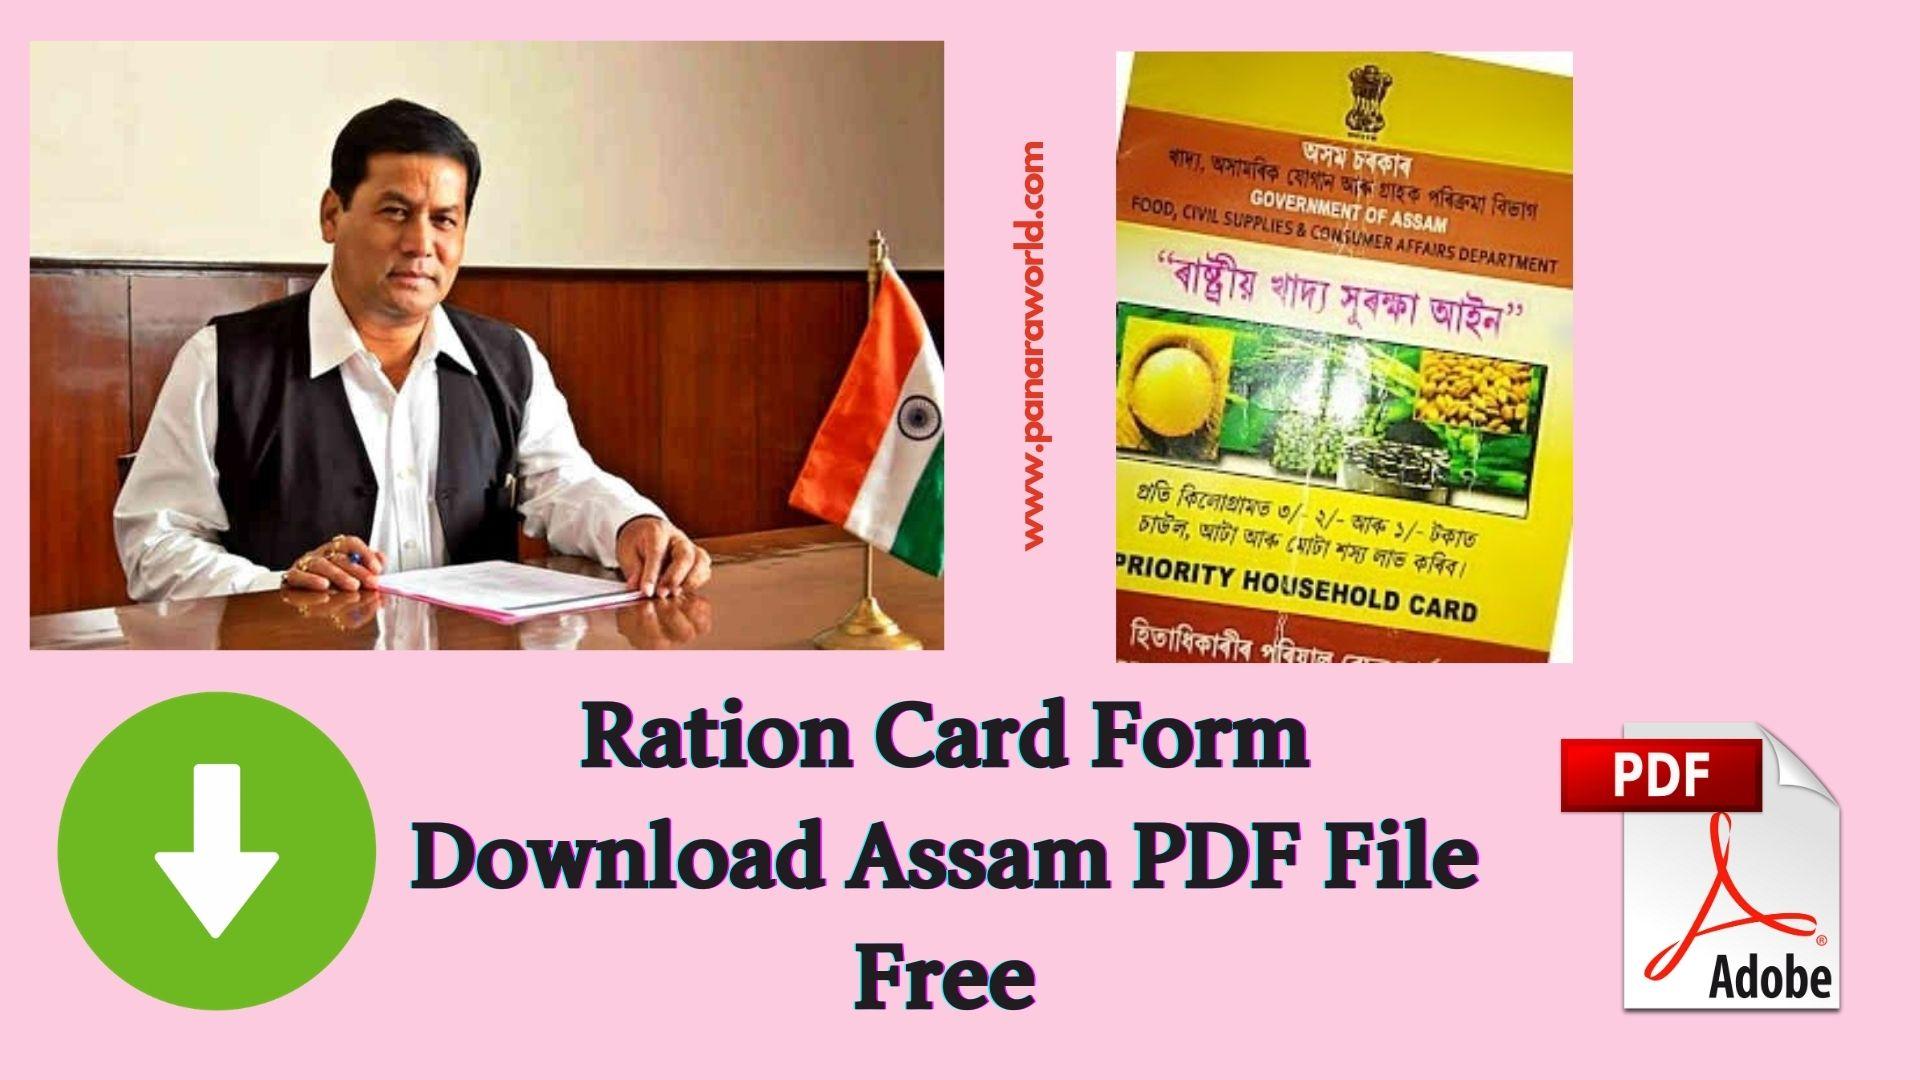 Ration Card Form Download Assam PDF